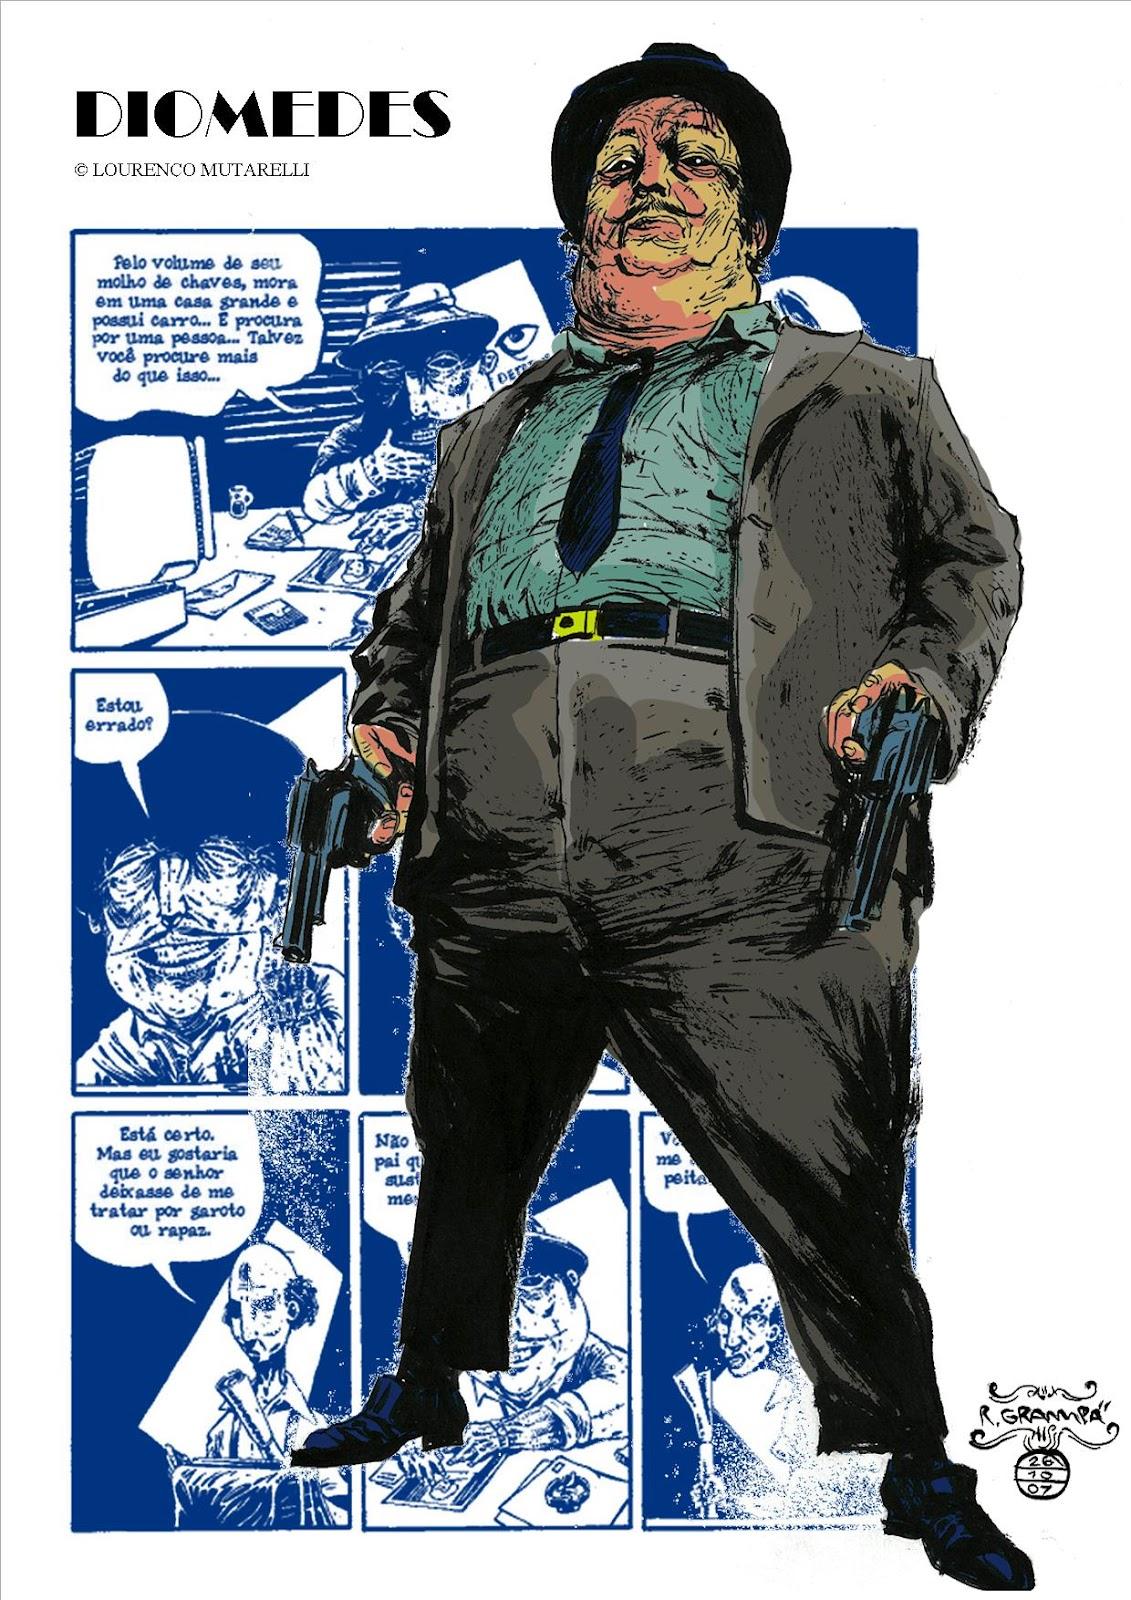 lourenco-mutarelli-quadrinhos-ilustra#U00e7#U00e3o-dionisio-arte-12